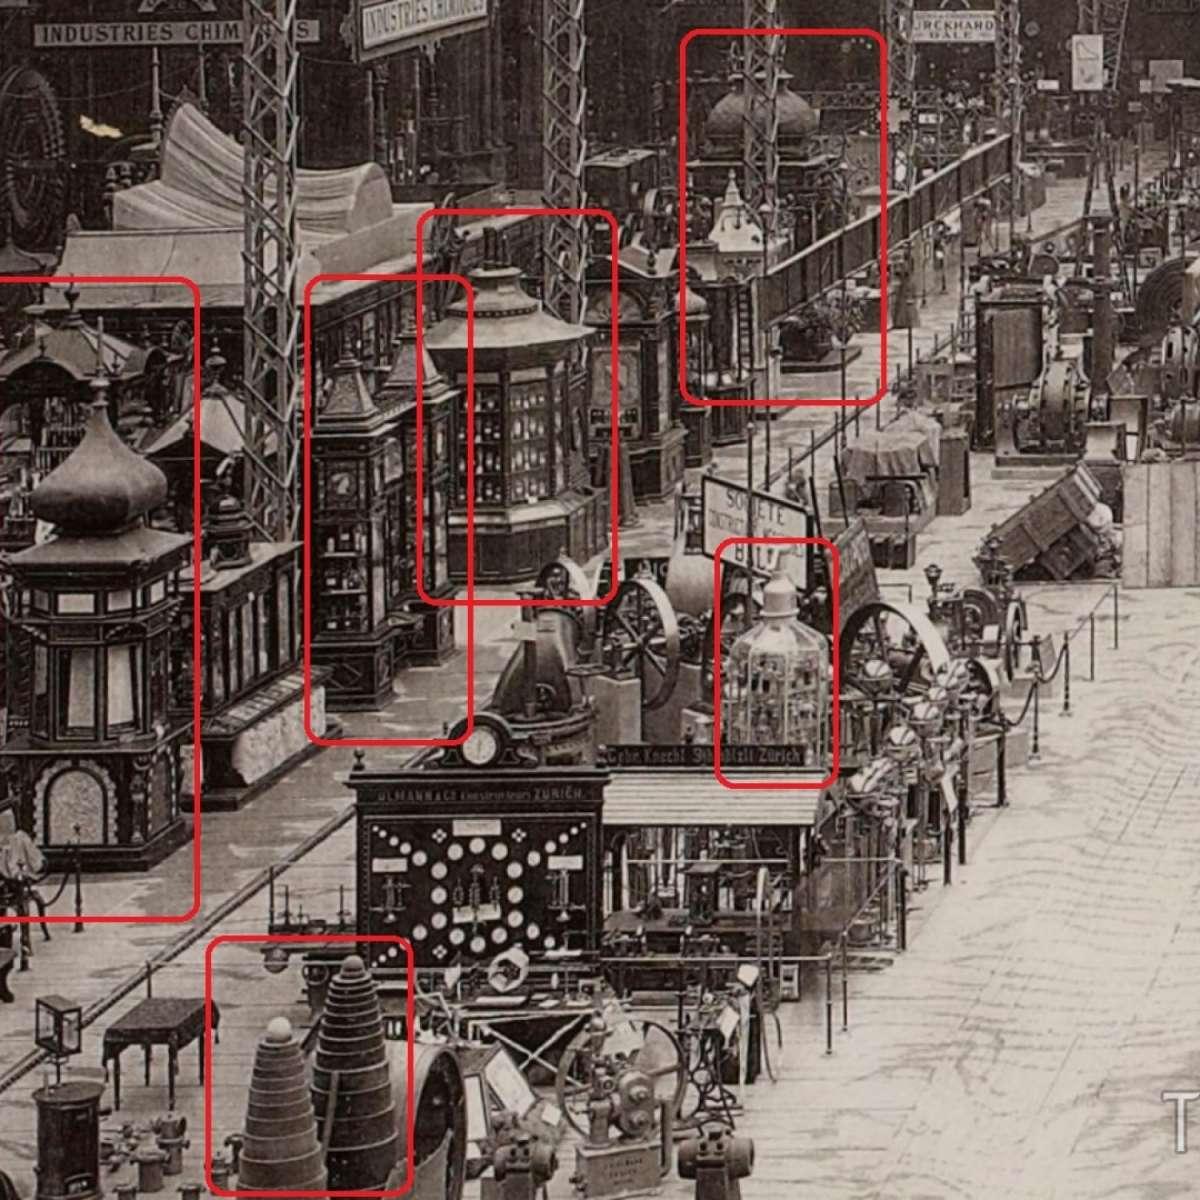 Забытые технологии прошлого на примере клёпки